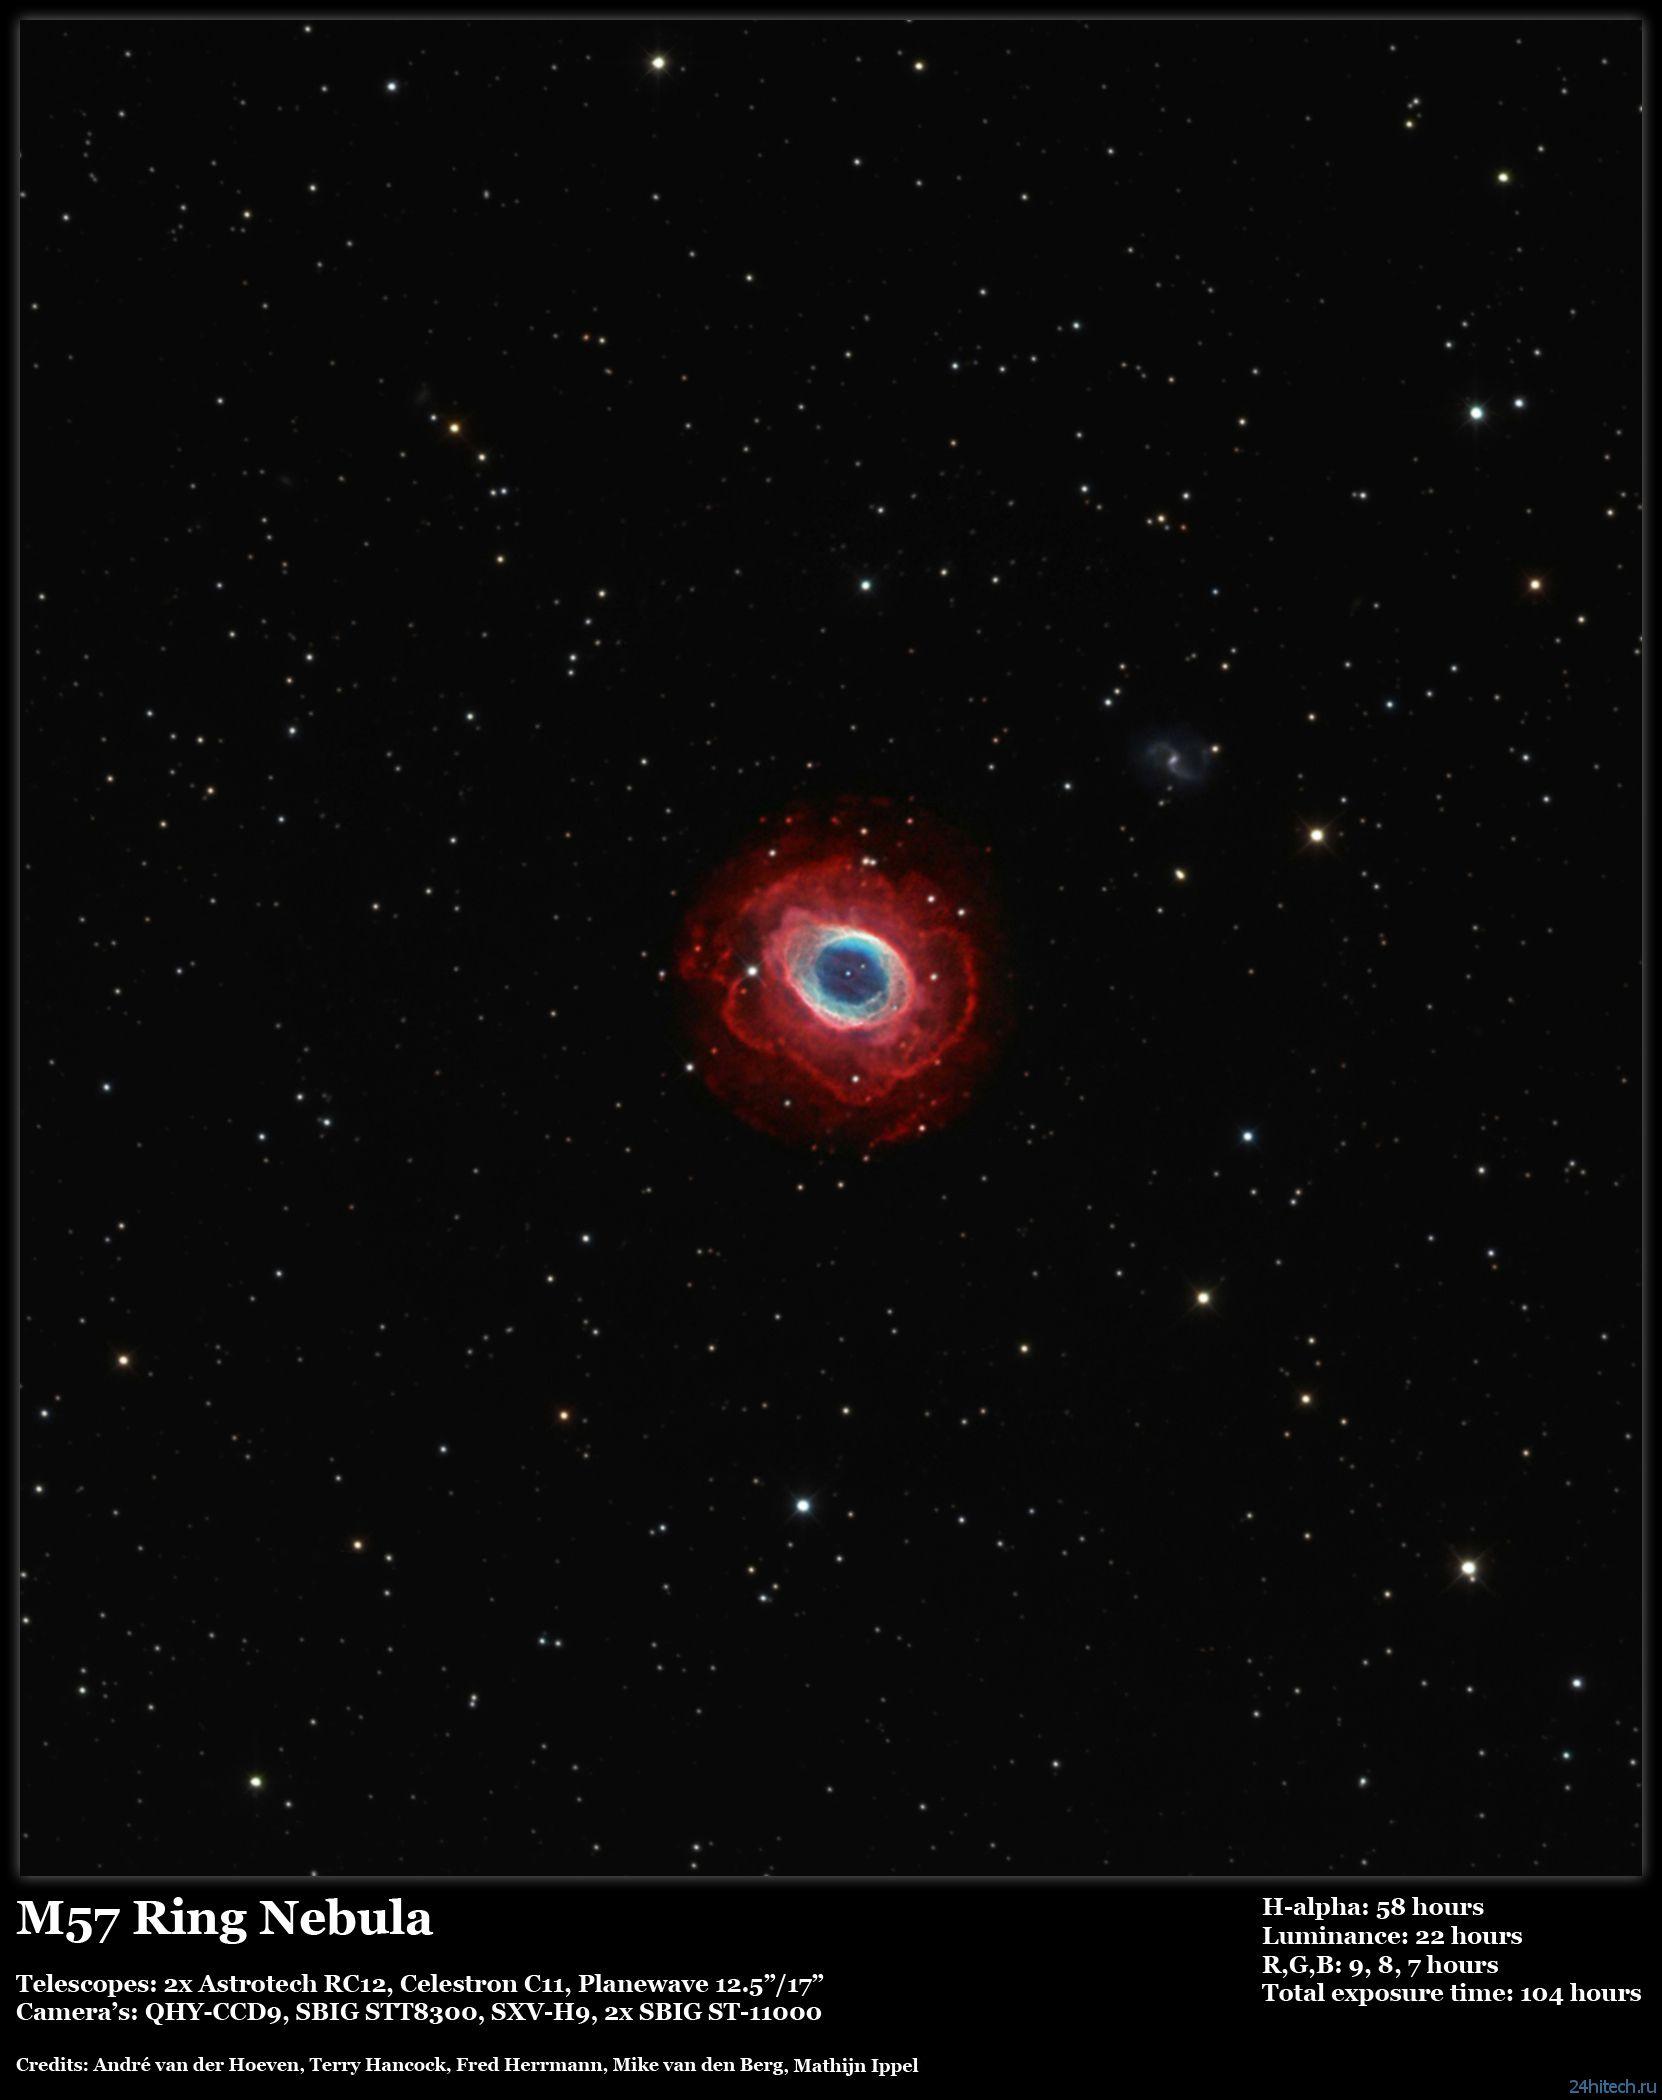 Потрясающая фотография космического Кольца всевластия